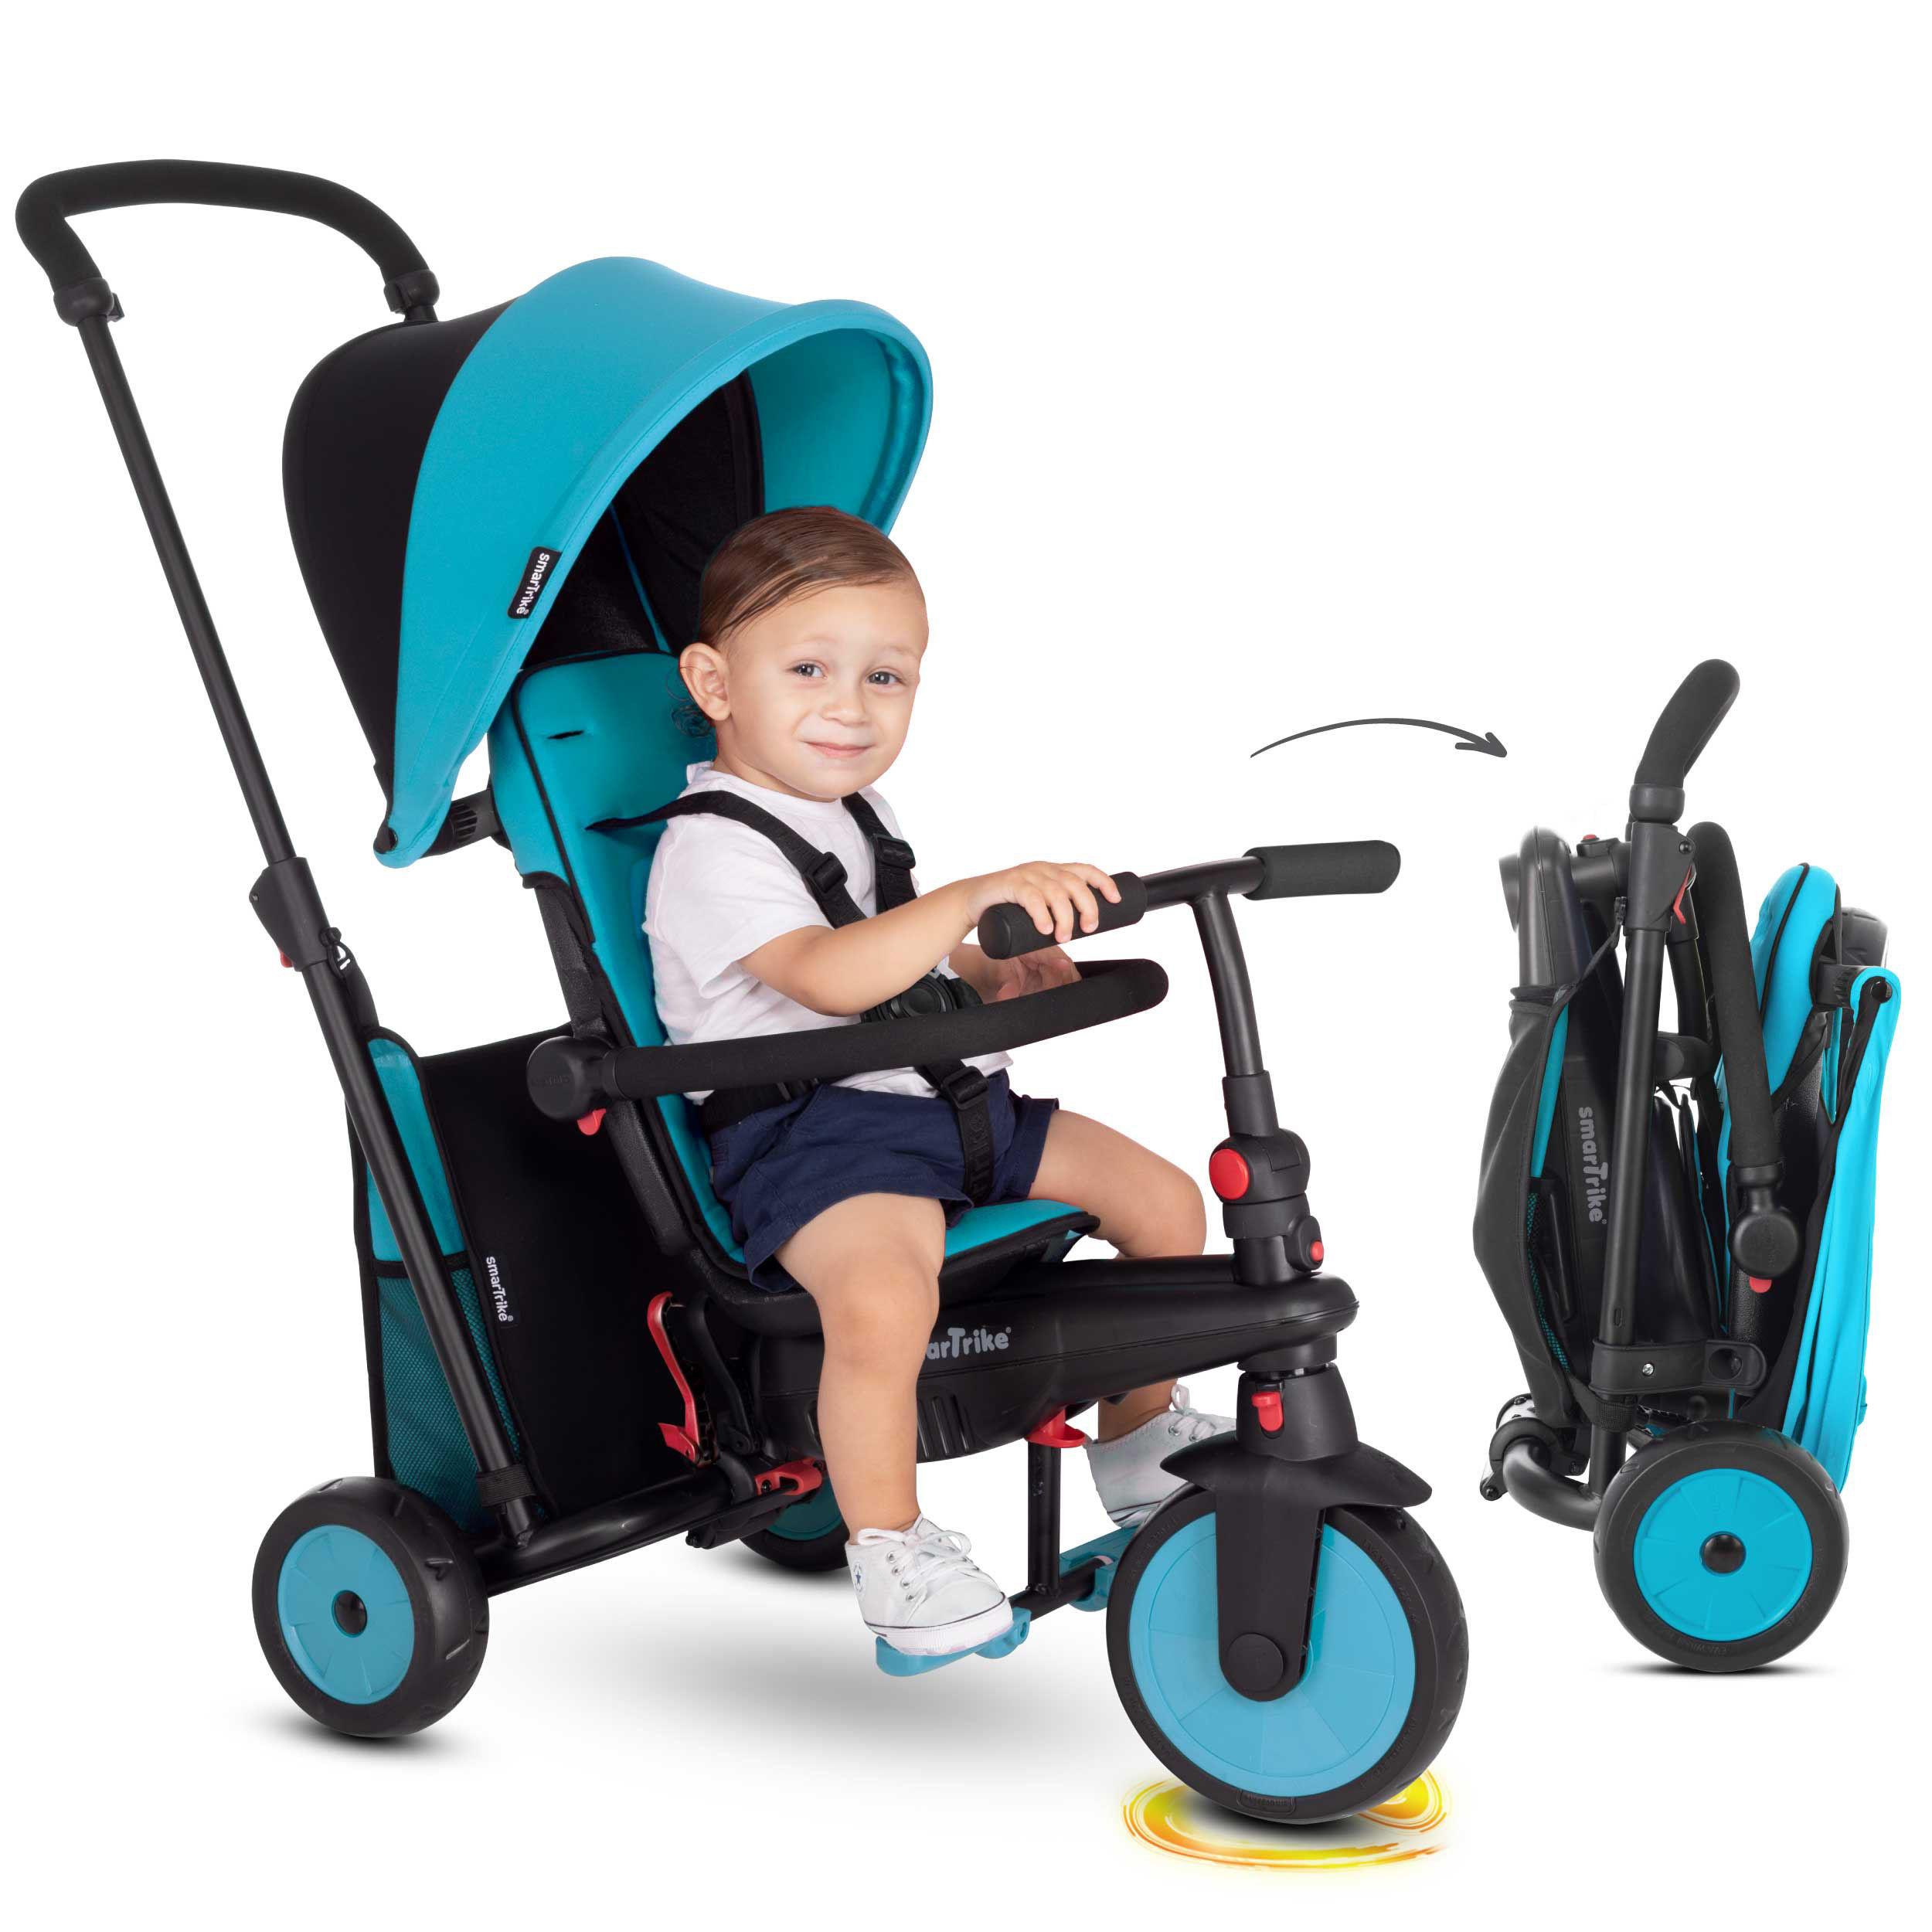 Tricicletă pliabilă smarTrike STR3, 6 in 1 ALBASTRU, dotată cu frână, scaun rabatabil